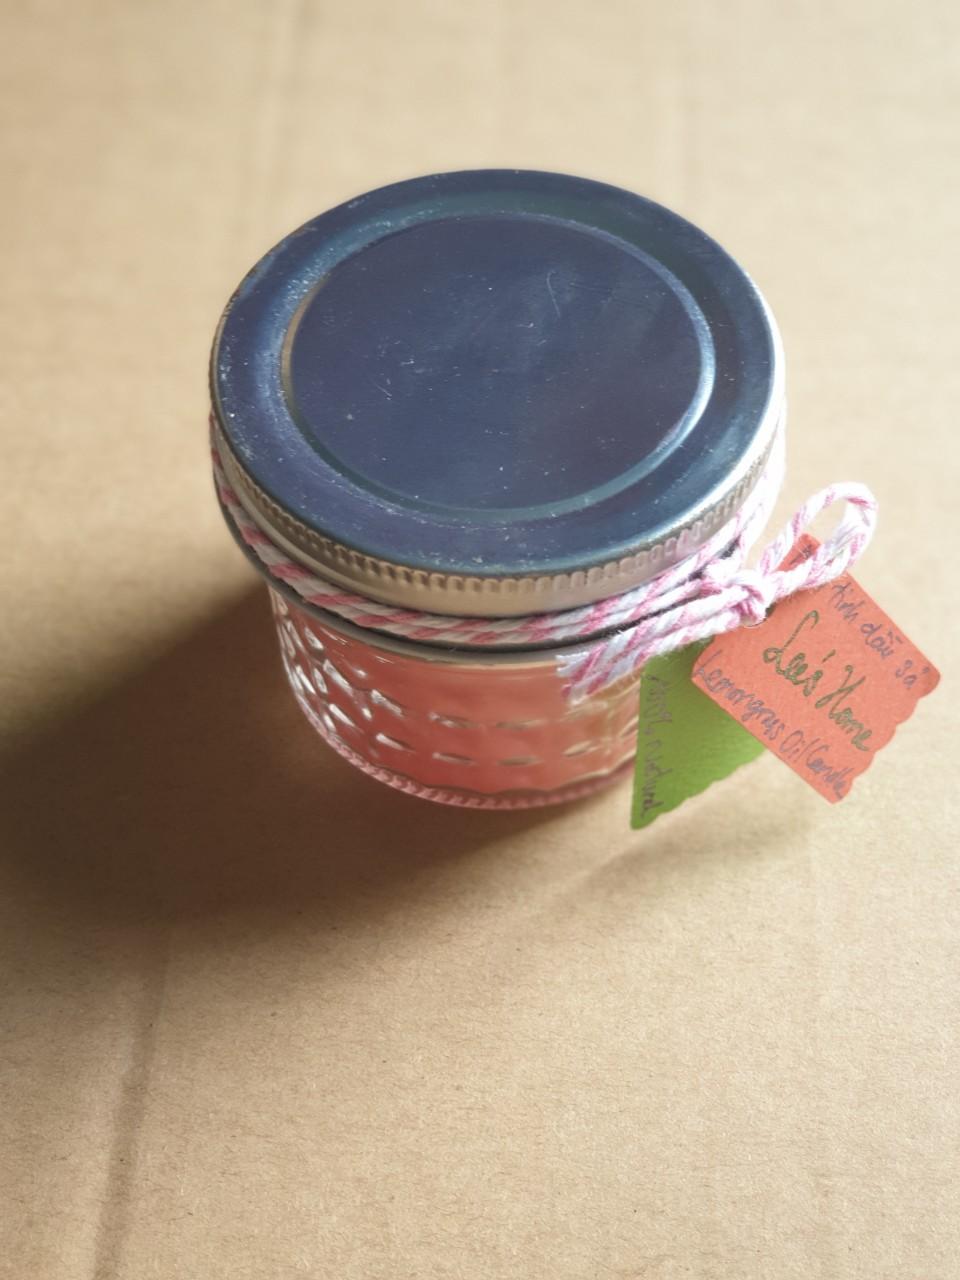 Nến thơm tinh dầu sả Lee's Home/ Lemongrass oil Candle